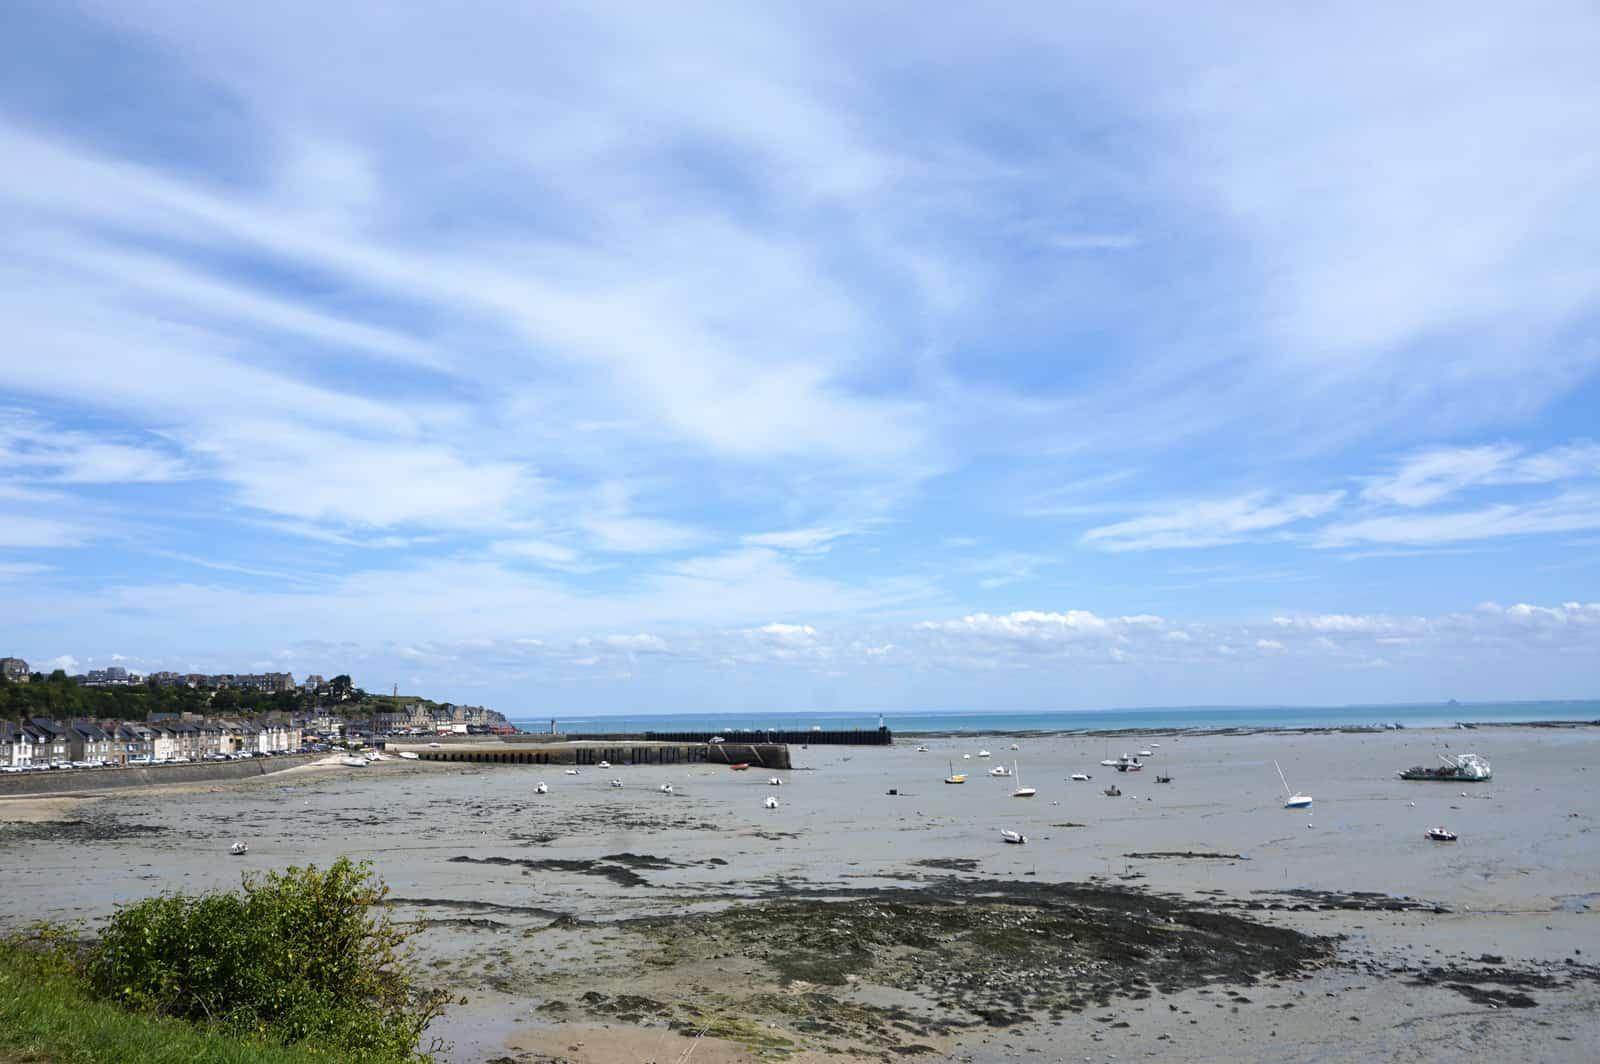 La plage et le port de Cancale